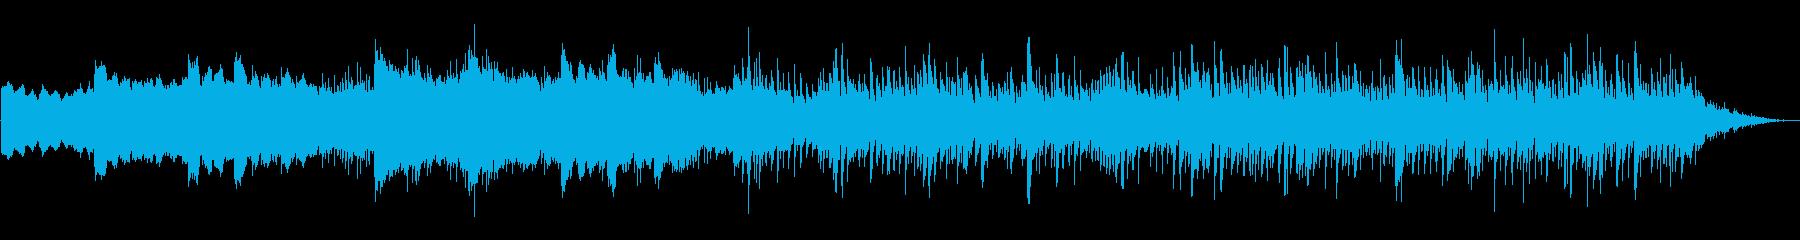 タイムラプス映像系幻想的壮大アンビエントの再生済みの波形